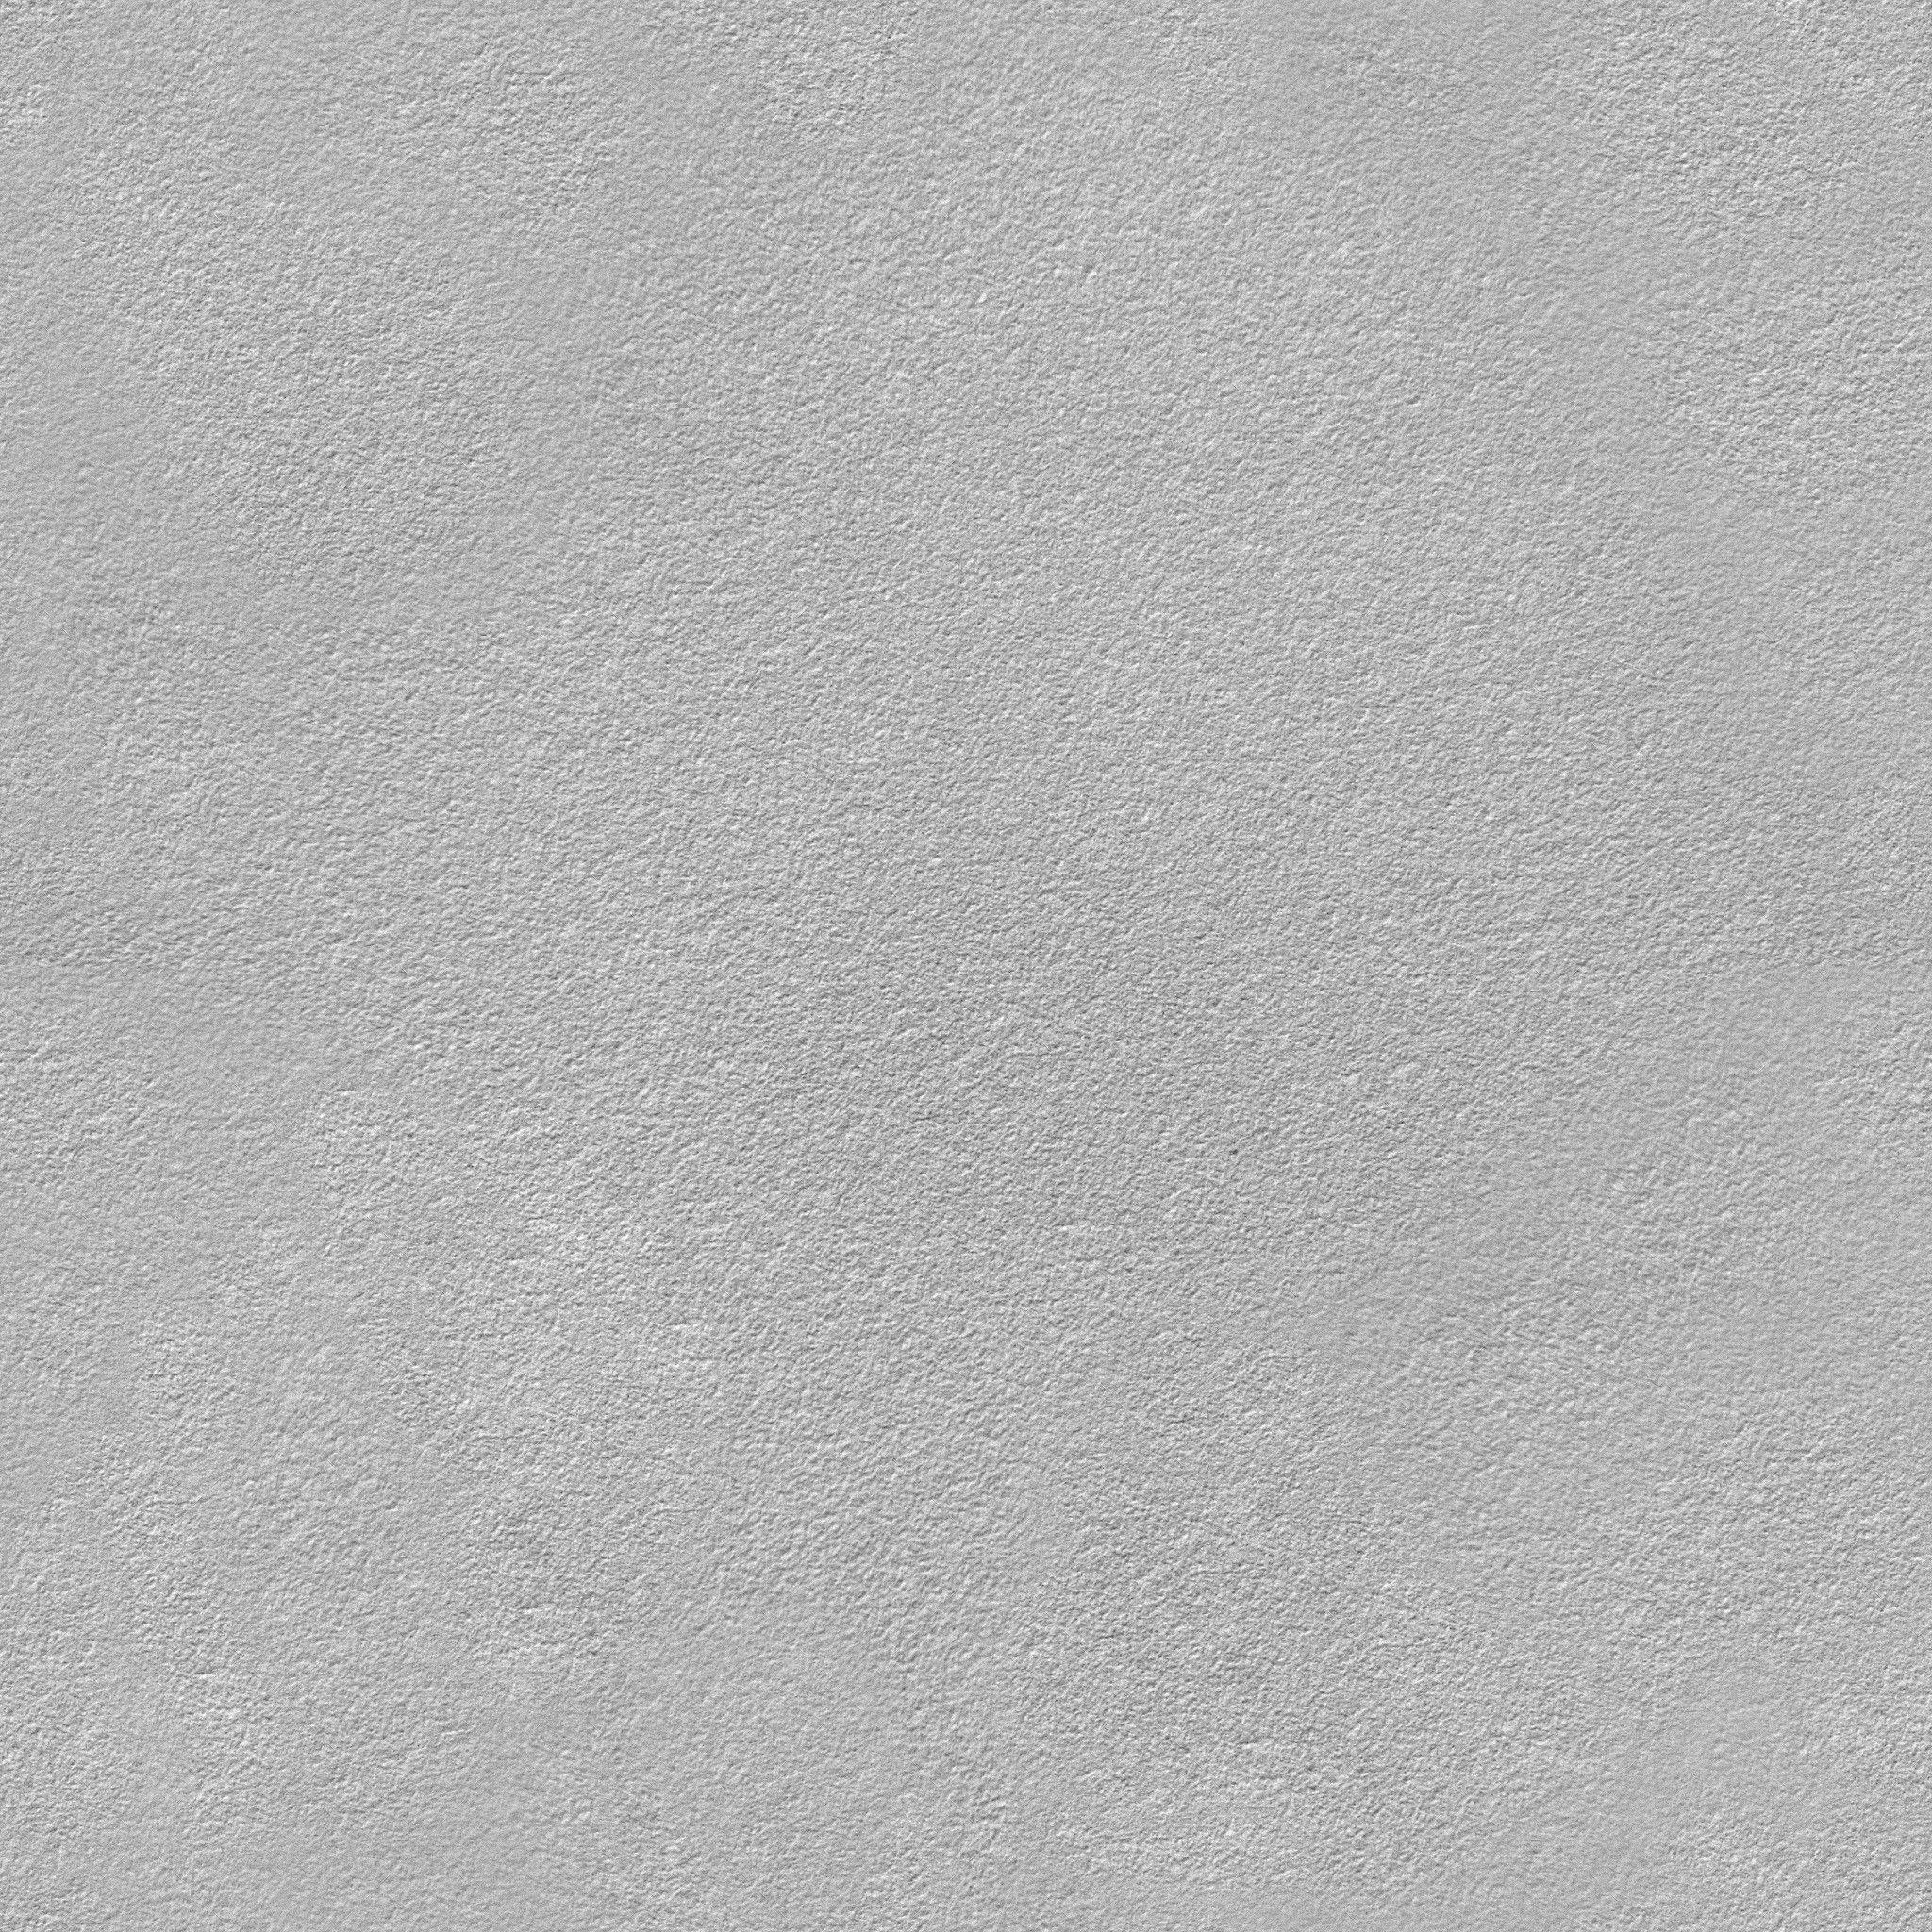 Concrete Seamless Texture Set Concrete Texture Textured Wallpaper Concrete Floor Texture